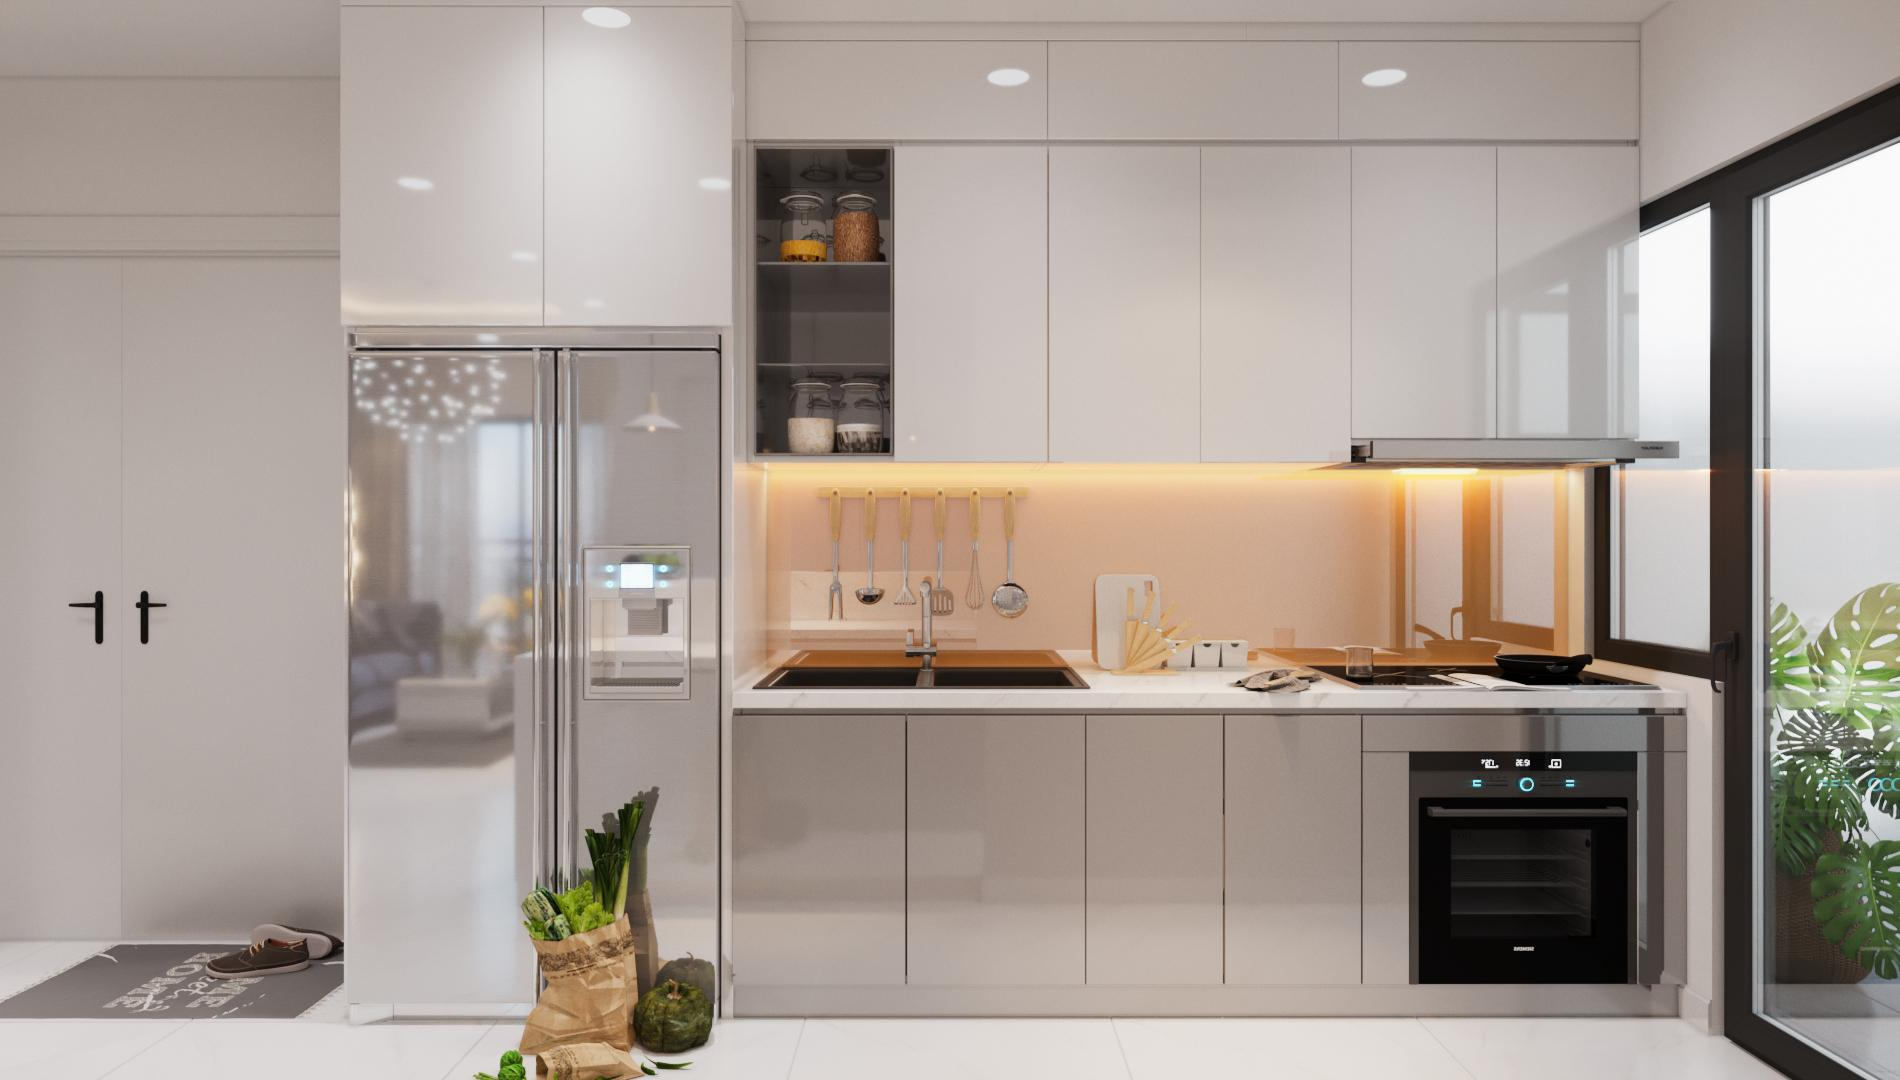 Vì không gian phòng bếp nhỏ hạn chế, chủ gia tận dụng tối đa chiều cao để thiết kế tủ bếp đụng tường, chiều dài cũng khít với cửa hông